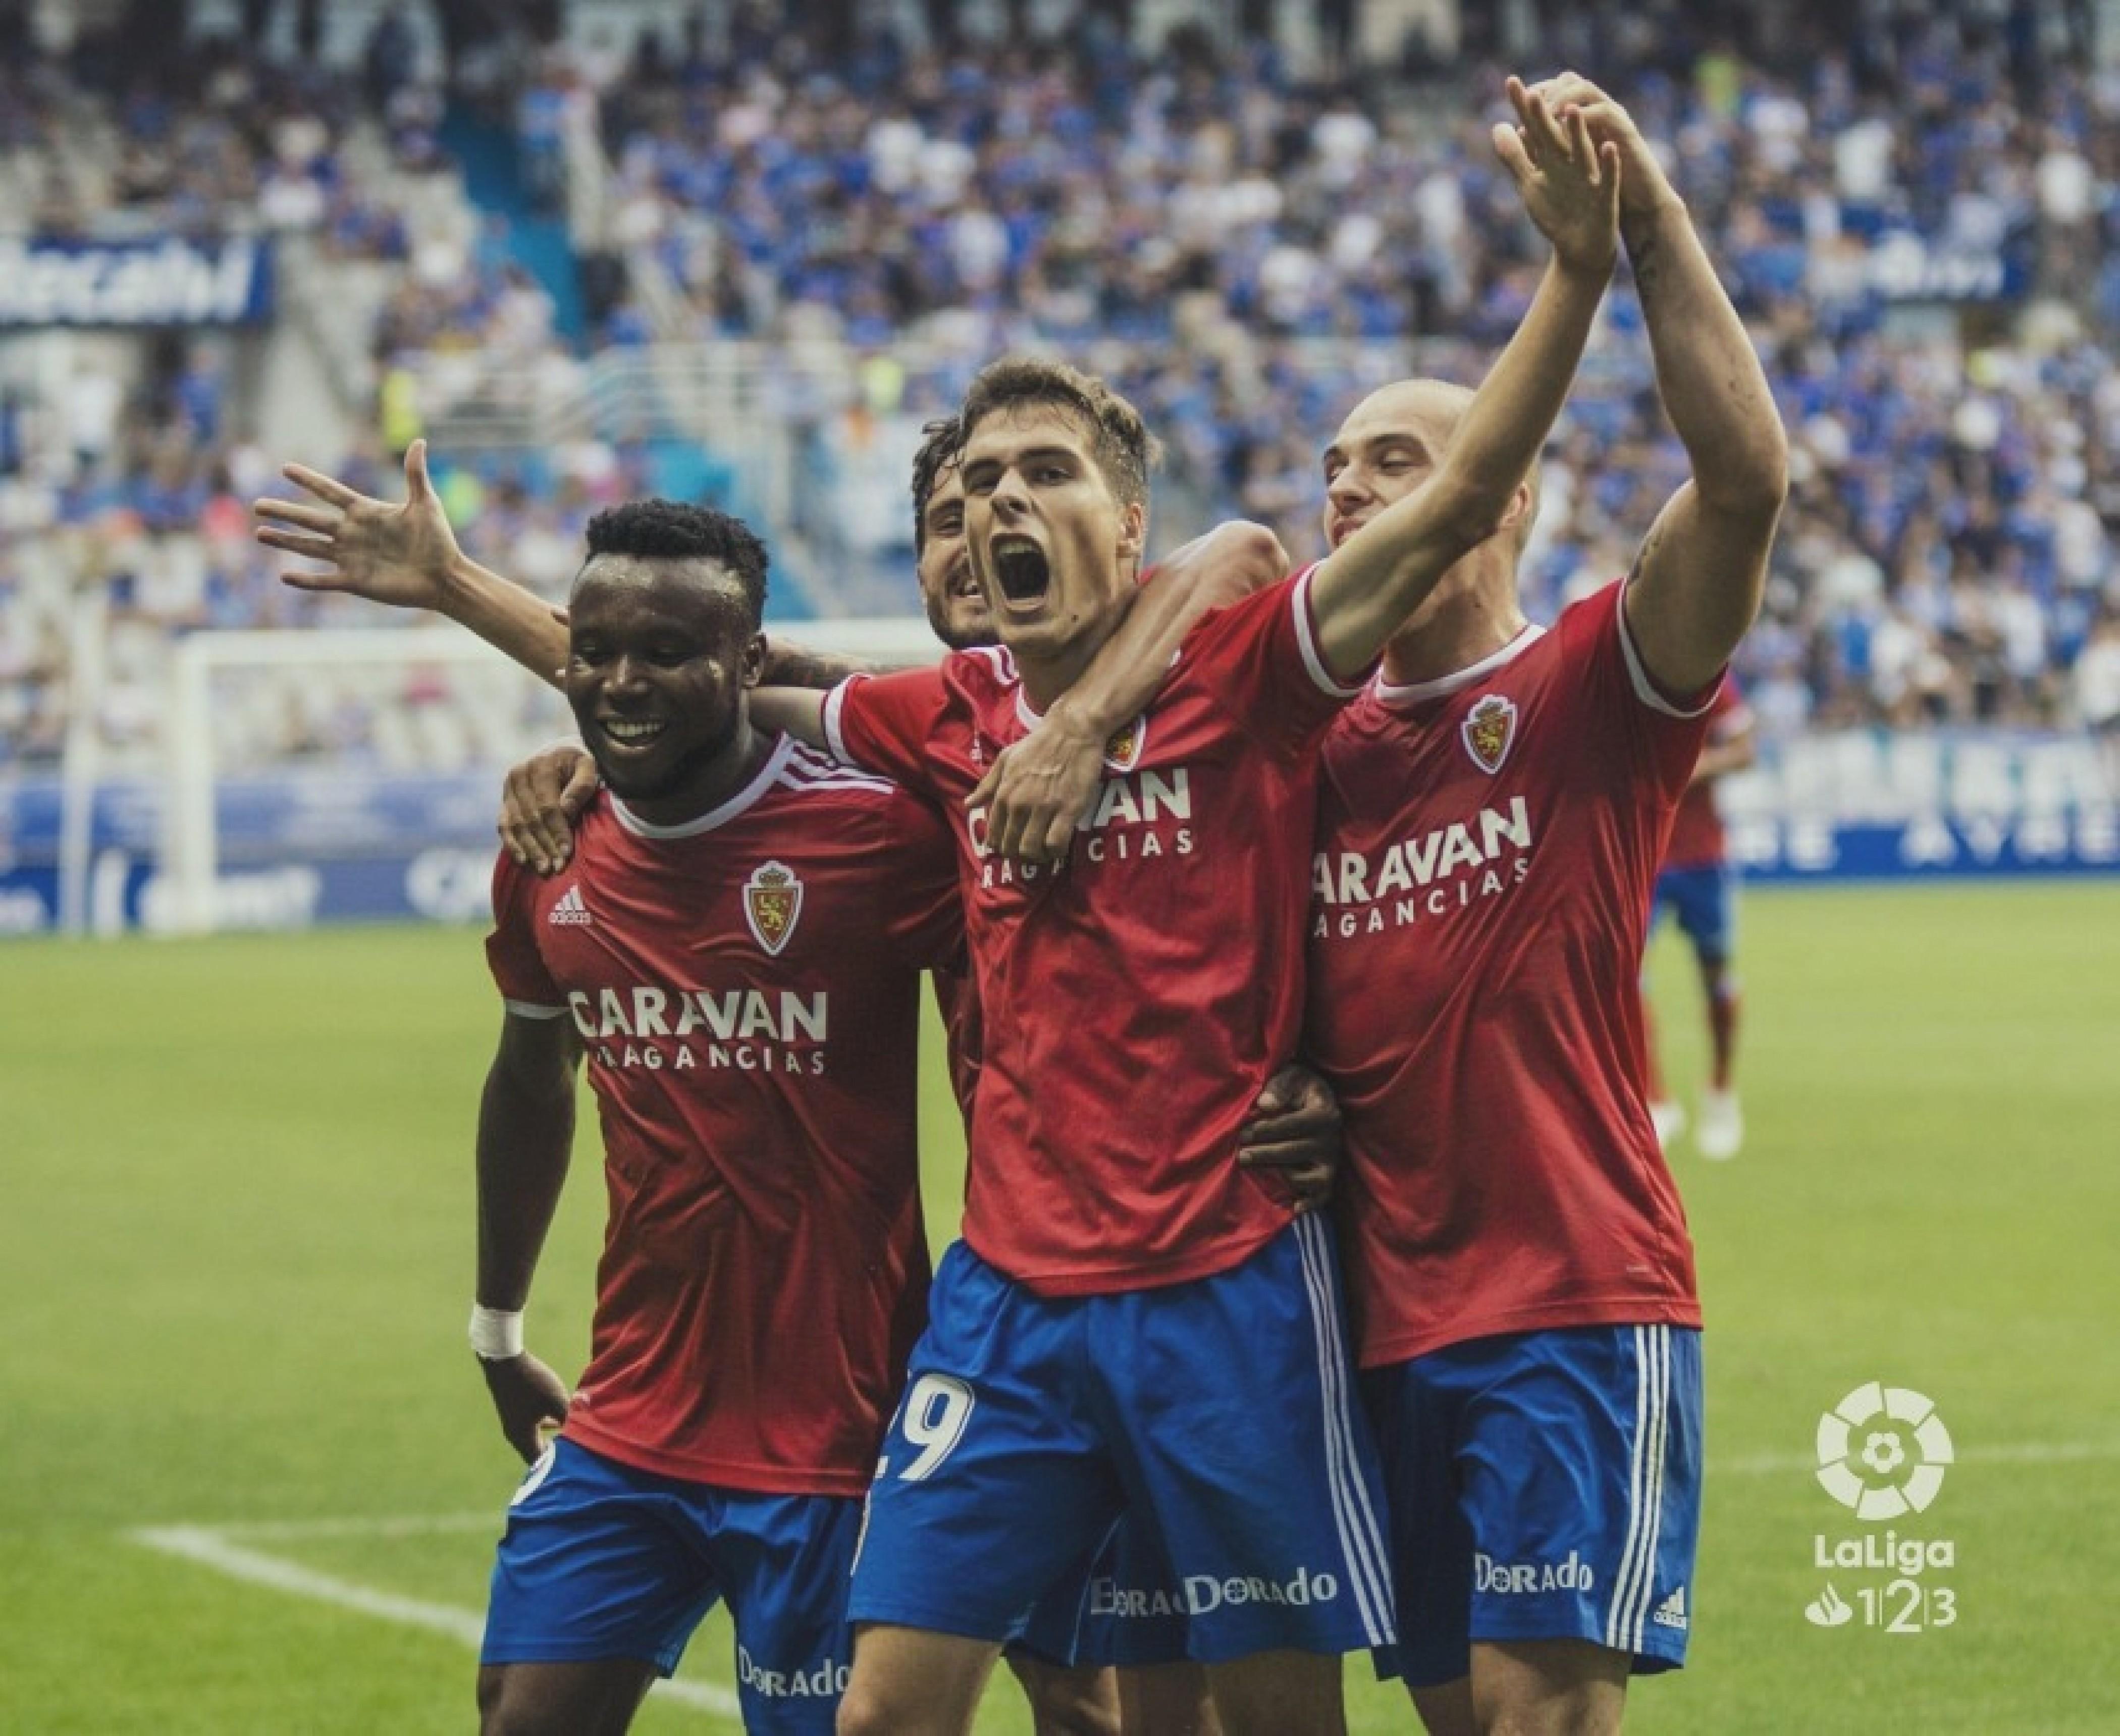 Real Oviedo – Real Zaragoza: puntuaciones Real Zaragoza, jornada 4 de Segunda División